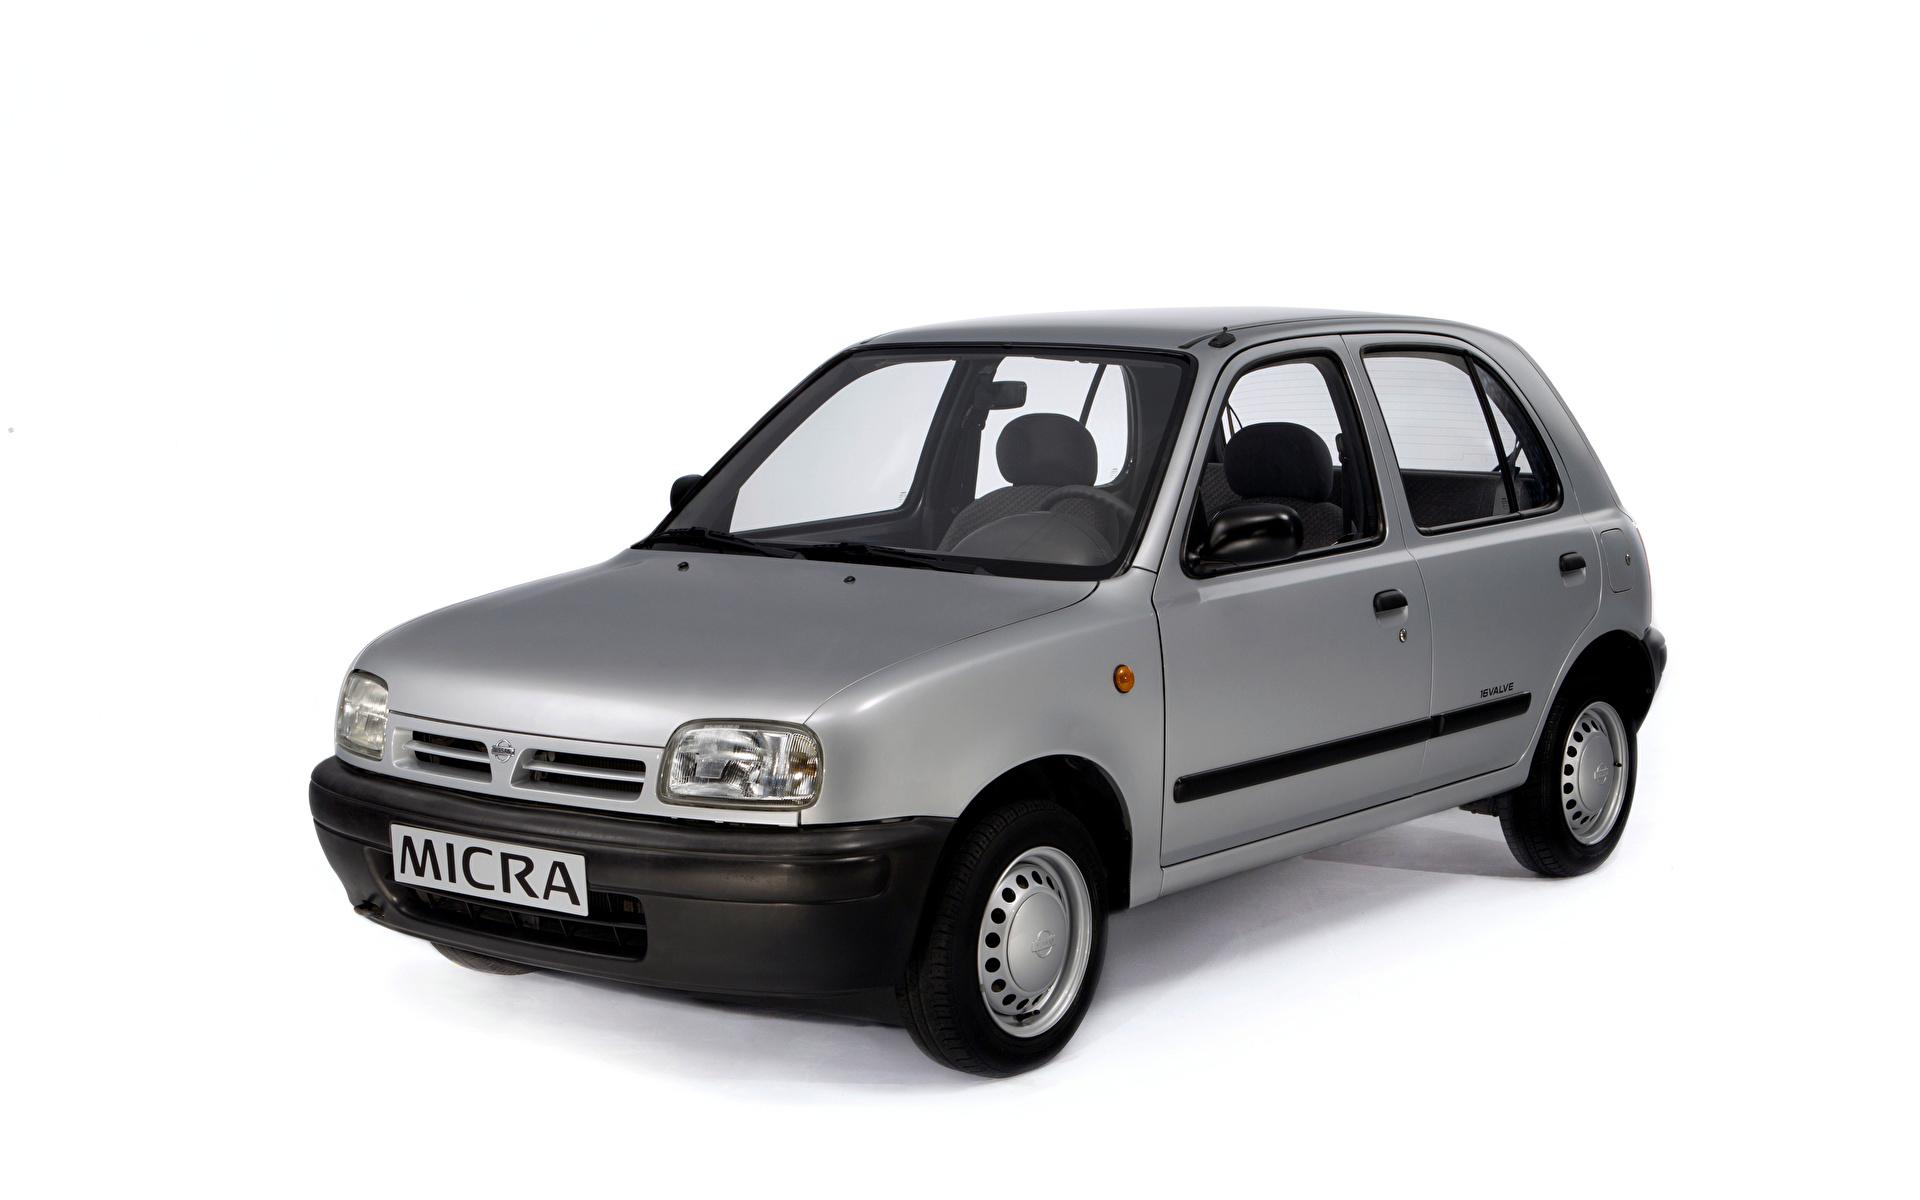 Картинки Nissan Micra 5-door (K11), 1992–97 серые авто Металлик Белый фон 1920x1200 Ниссан серая Серый машина машины Автомобили автомобиль белом фоне белым фоном